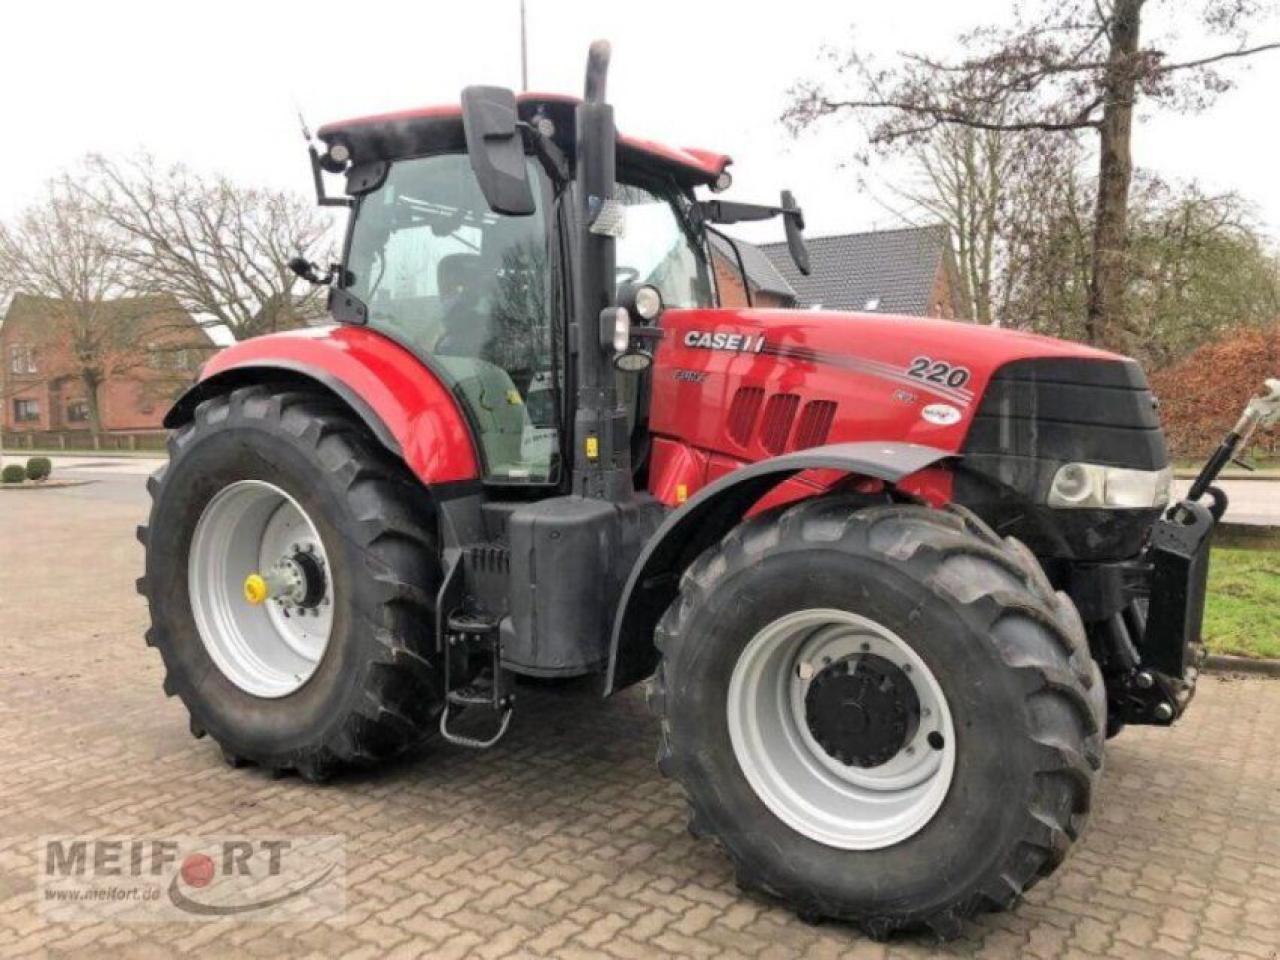 El propietario Desventaja trapo  Case-IH 220 PUMA CVX wheel tractor from Germany for sale at Truck1, ID:  4245307